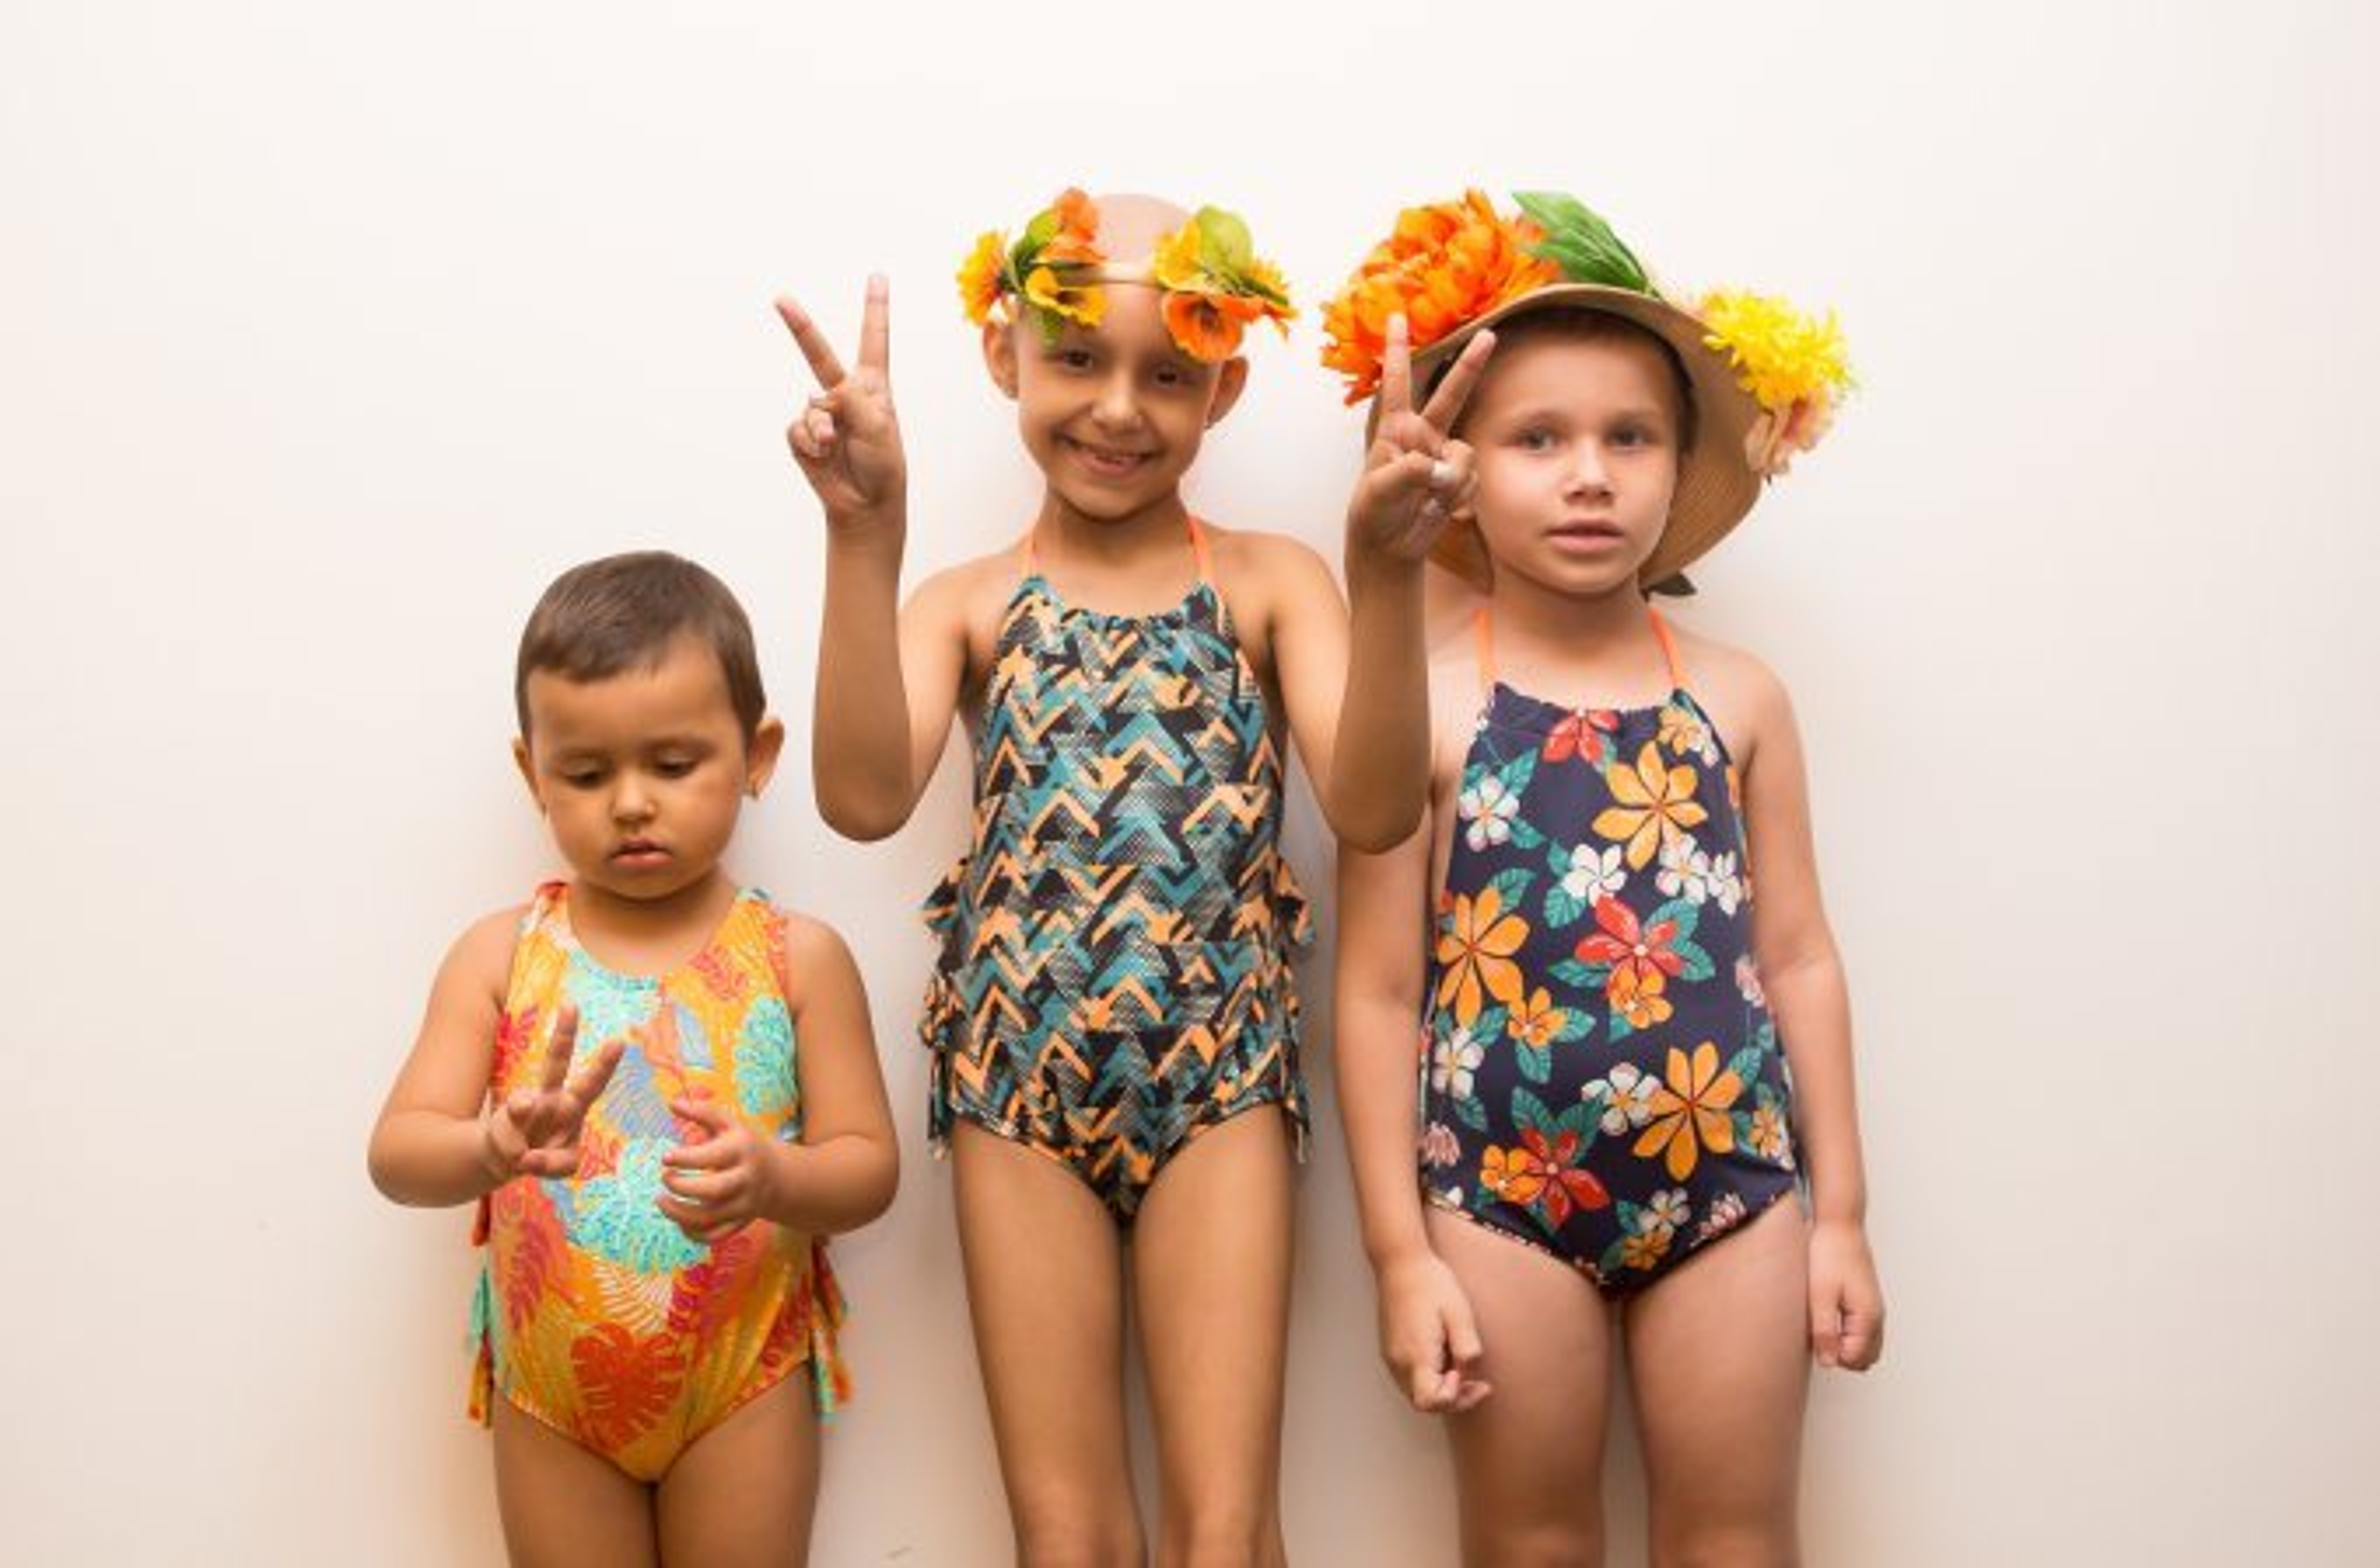 Melissa, Larissa e Yasmin, pacientes do Instituto de Tratamento do Câncer Infantil (Itaci) desfilam pela grife Água com Sal